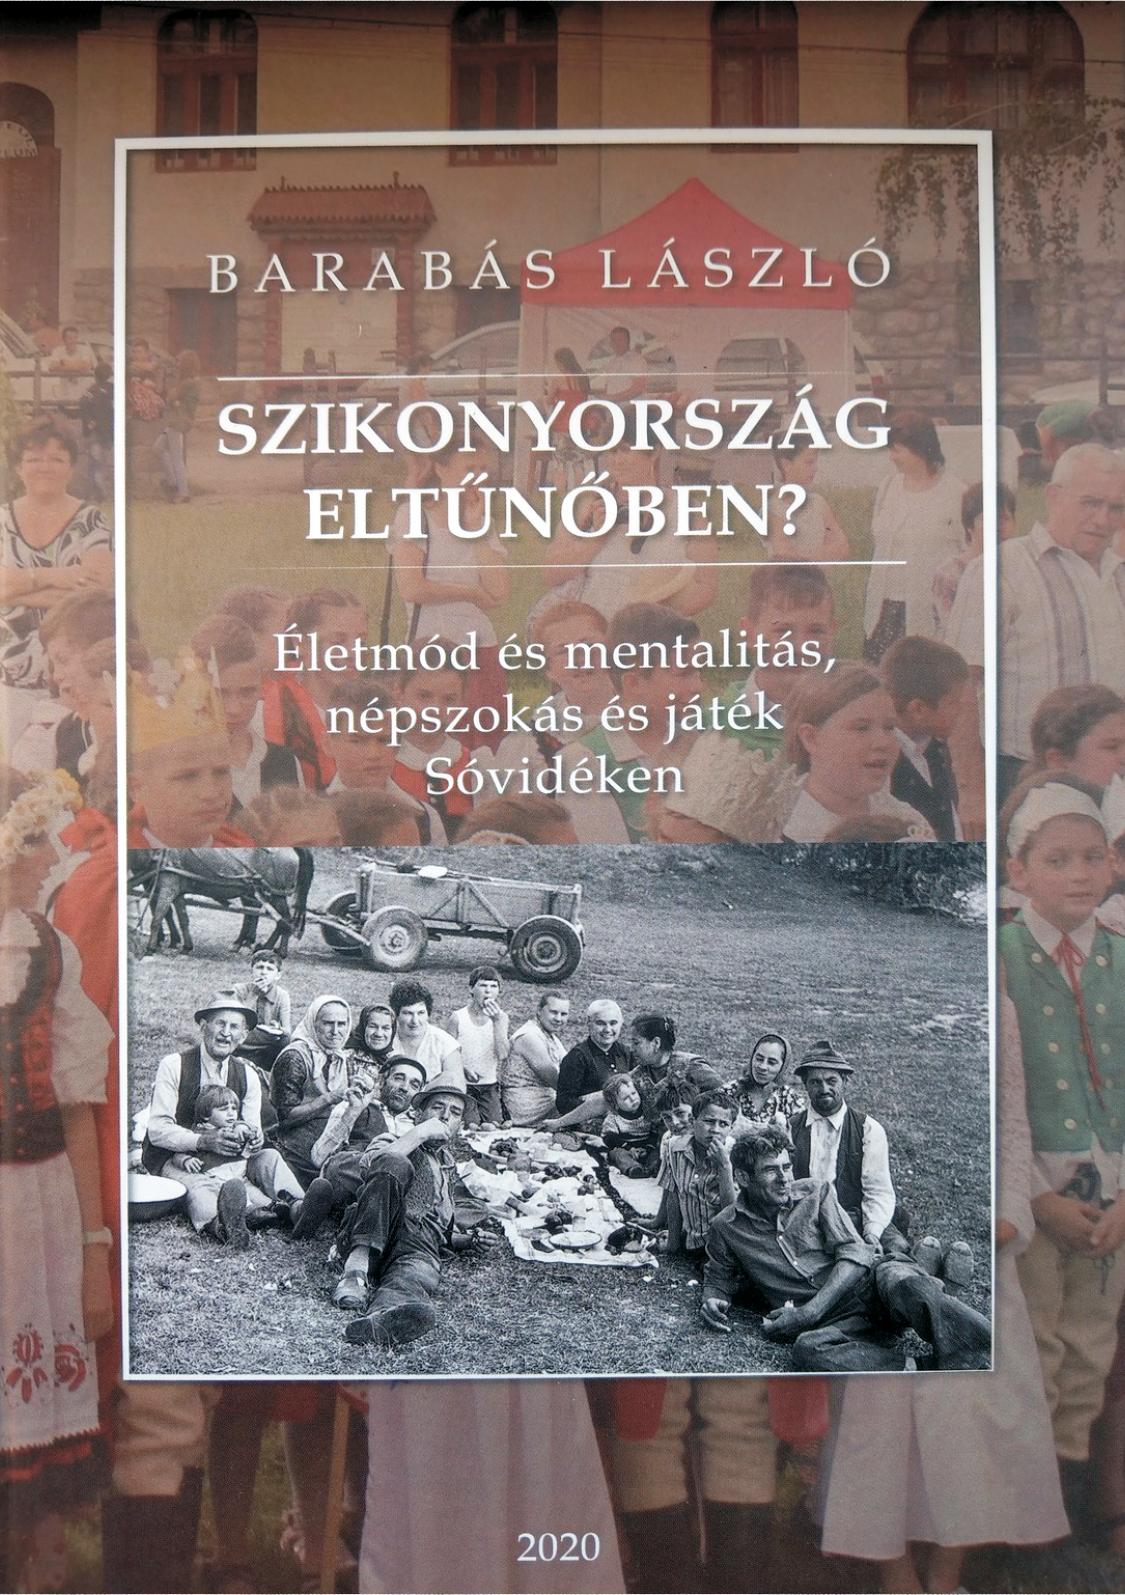 Barabás László: Szikonyország eltűnőben? Életmód és mentalitás, népszokás és játék Sóvidéken